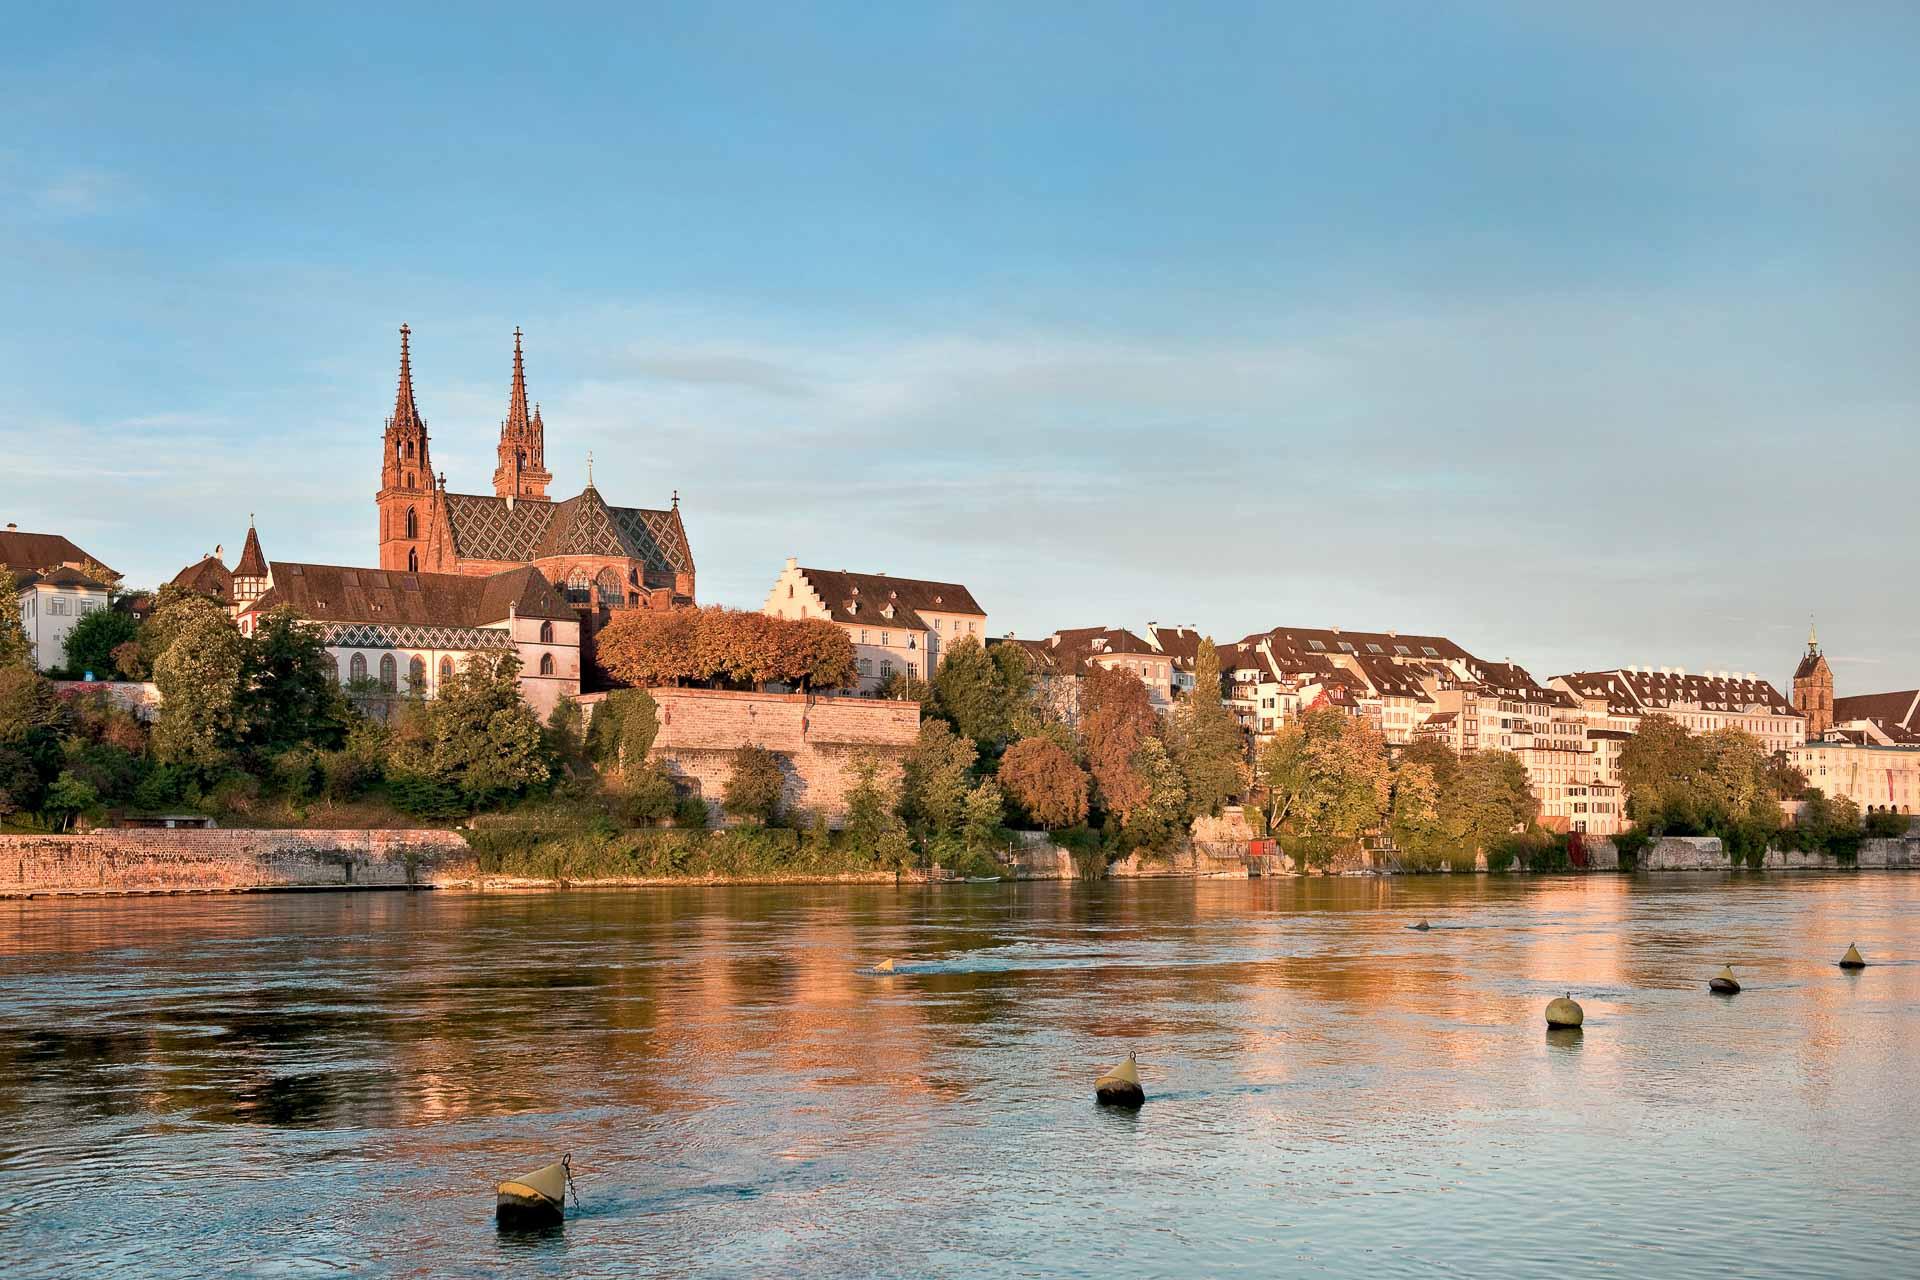 Avec des musées de renommée internationale, une vieille ville parmi les plus charmantes d'Europe et des adresses qui raviront les épicuriens, Bâle a de beaux atouts à faire valoir. Découvrez toutes les excellentes raisons d'y partir en weekend !